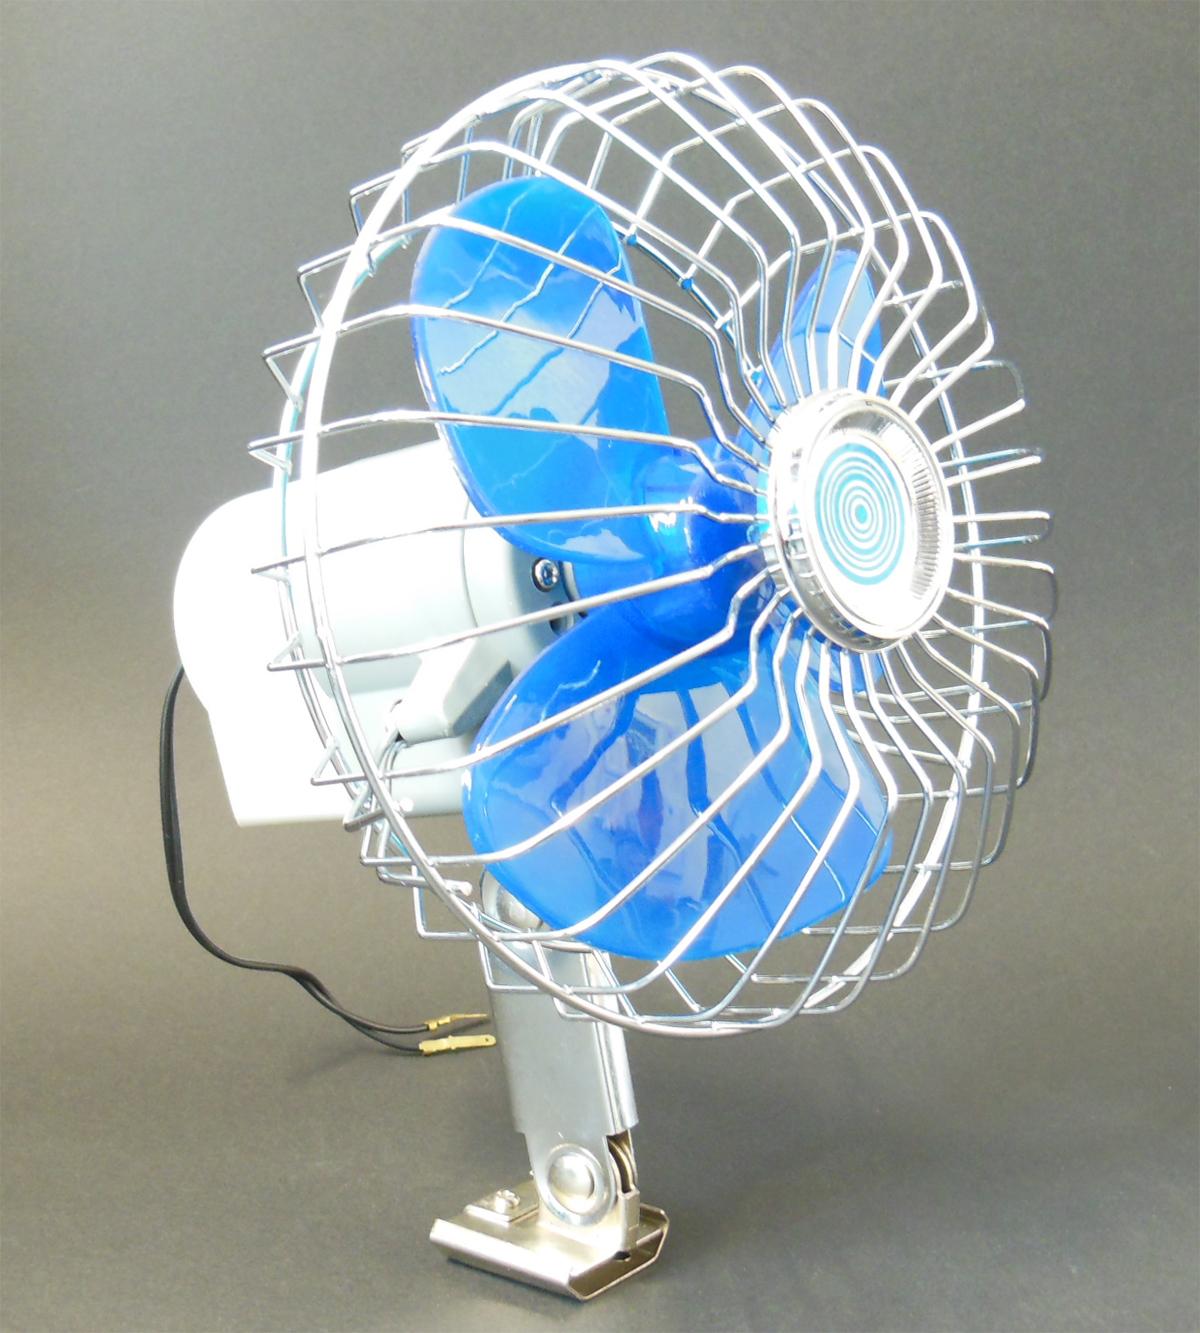 24 volt ventilator l fter l ftung k hlung lkw wohnmobil. Black Bedroom Furniture Sets. Home Design Ideas